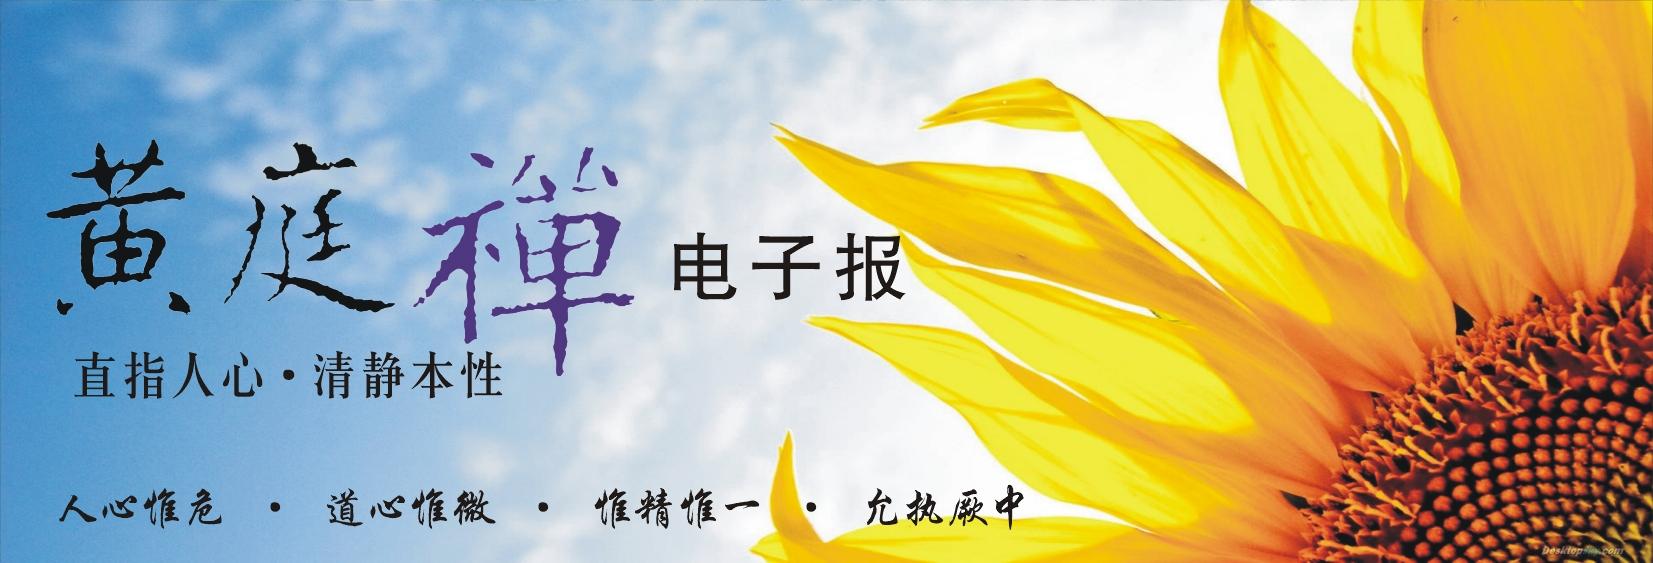 中华黄庭禅学会2020.06.21电子报